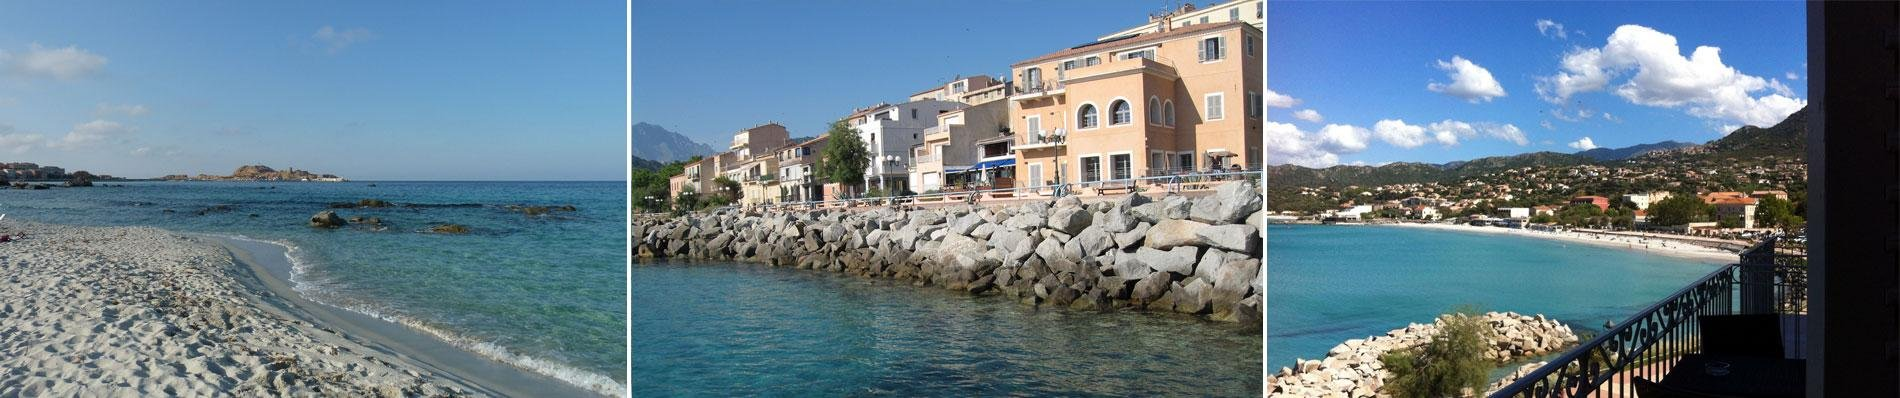 Hotel Perla Rossa Calvi Ile Rousse Balagne Corsica